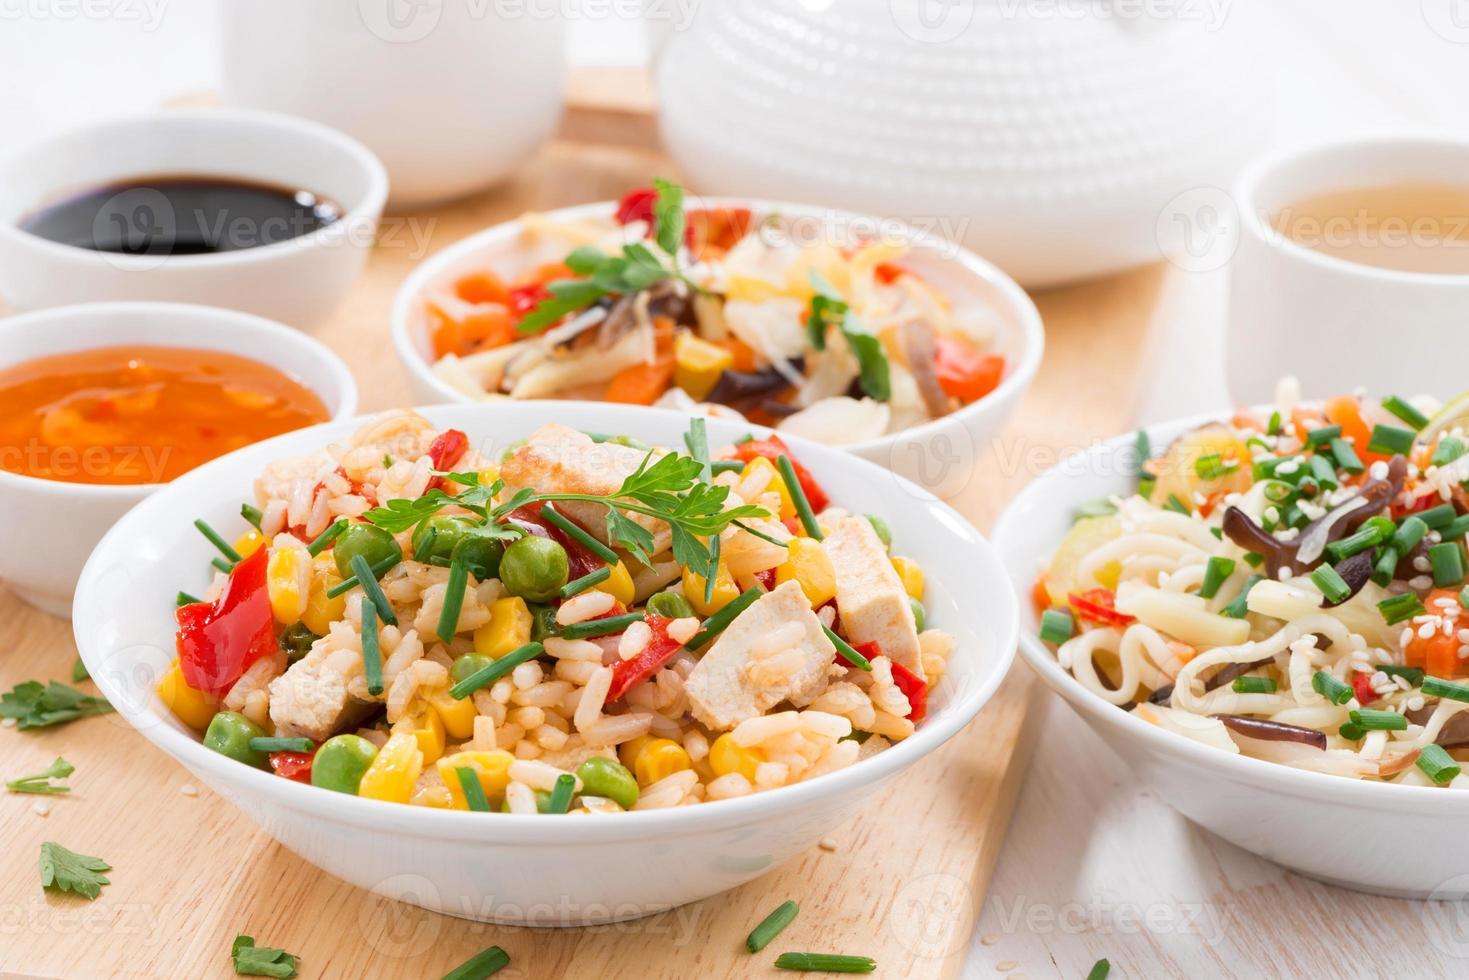 Aziatische lunch - gebakken rijst met tofu, noedels, groenten foto